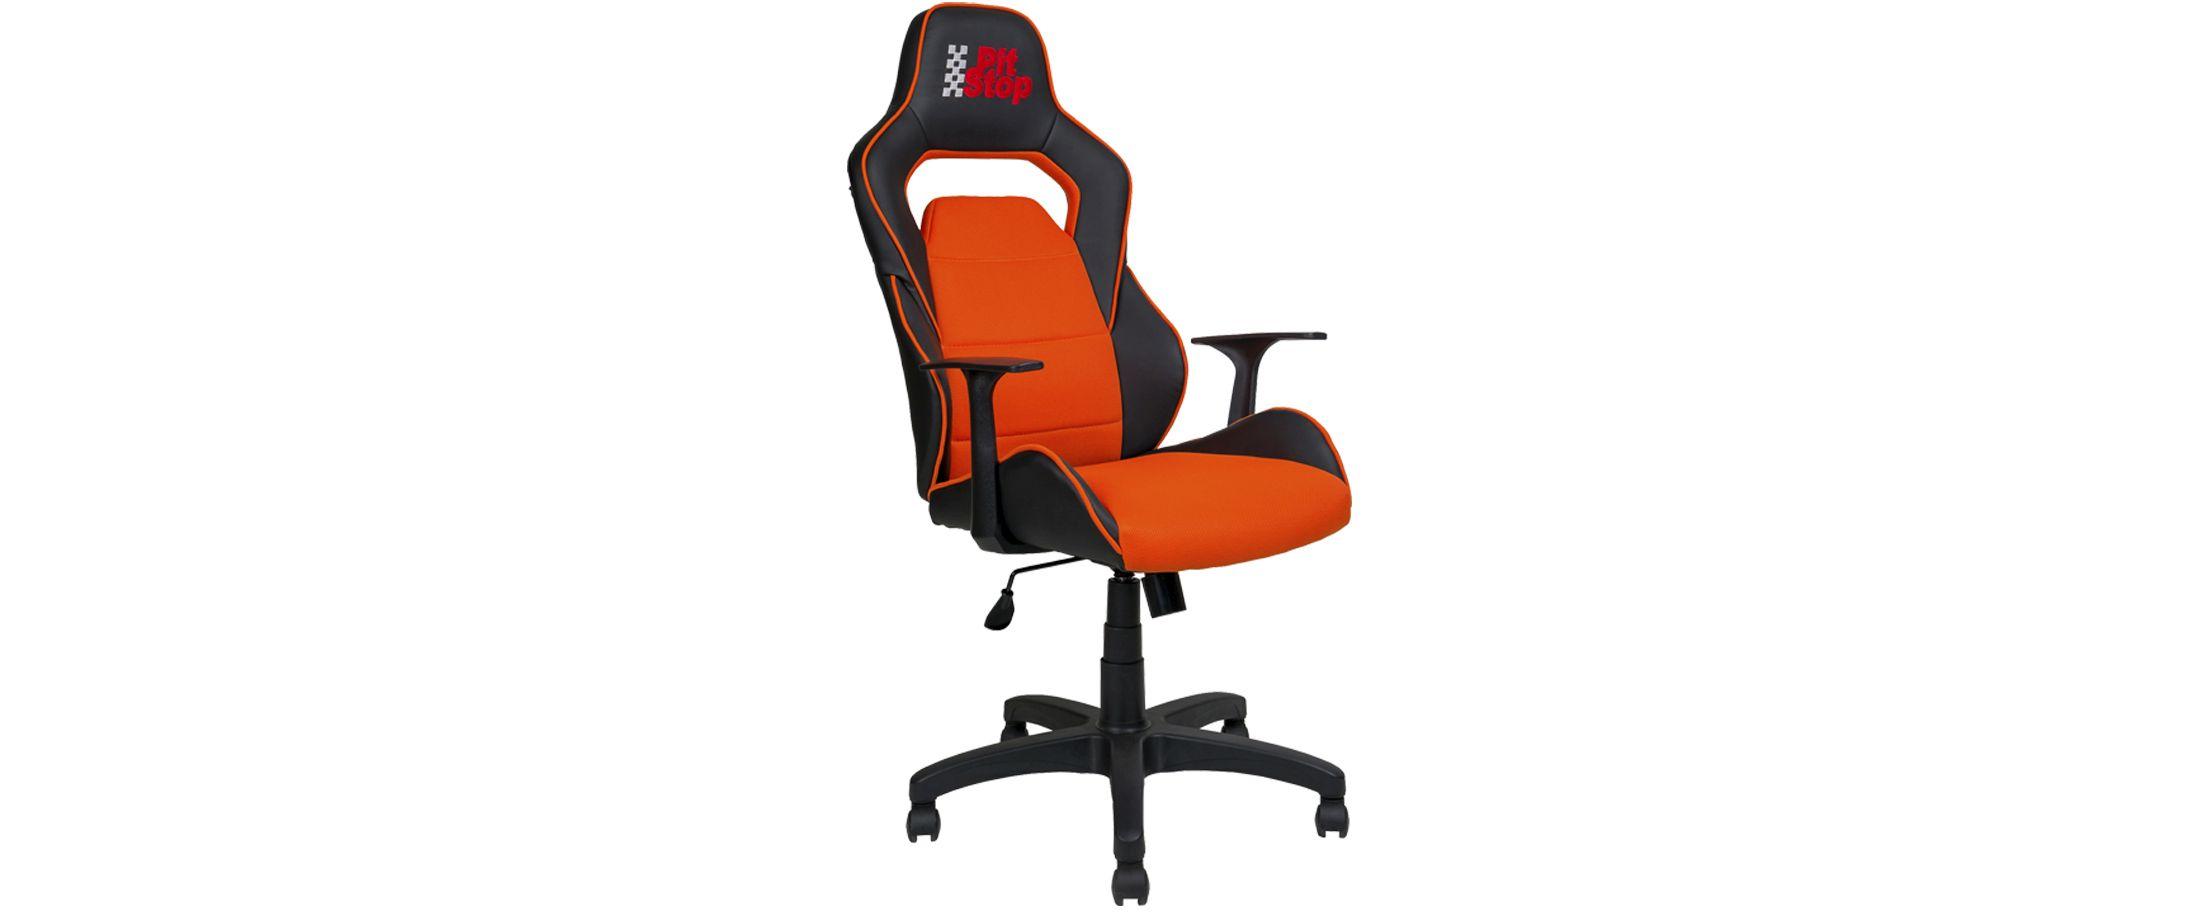 Кресло офисное AV 140 цвет черный/оранжевый Модель 999Кресло офисное AV 140 цвет черный/оранжевый Модель 999. Артикул Д000739<br>